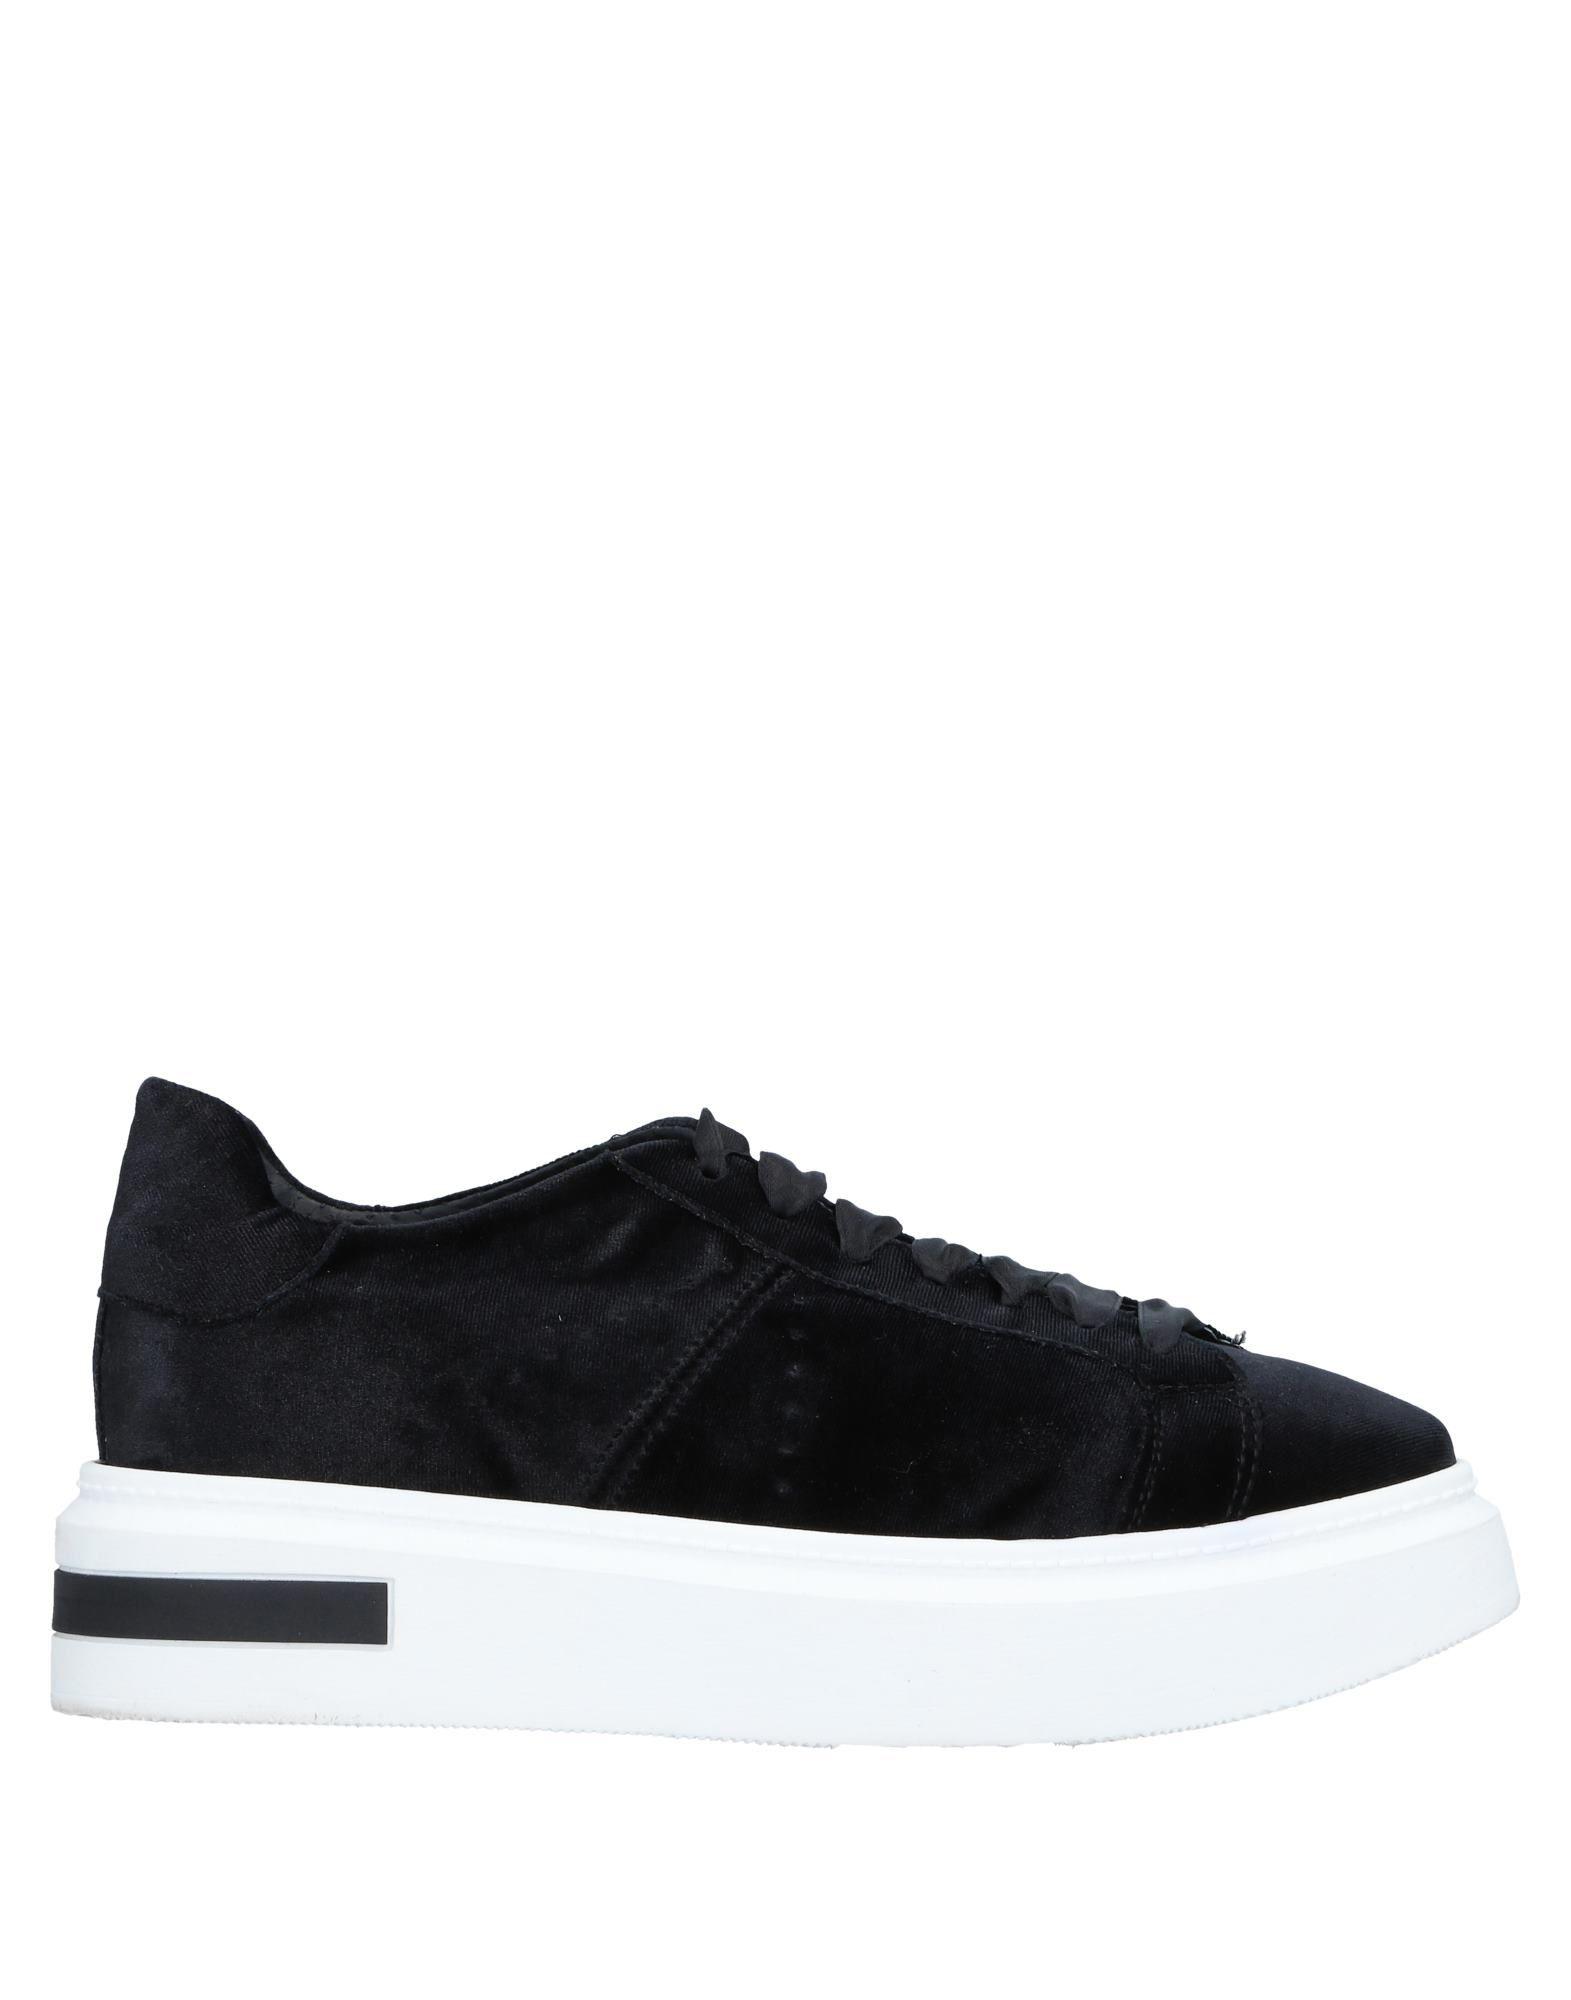 Sneakers Geneve Donna - 11533741MW Scarpe economiche e buone